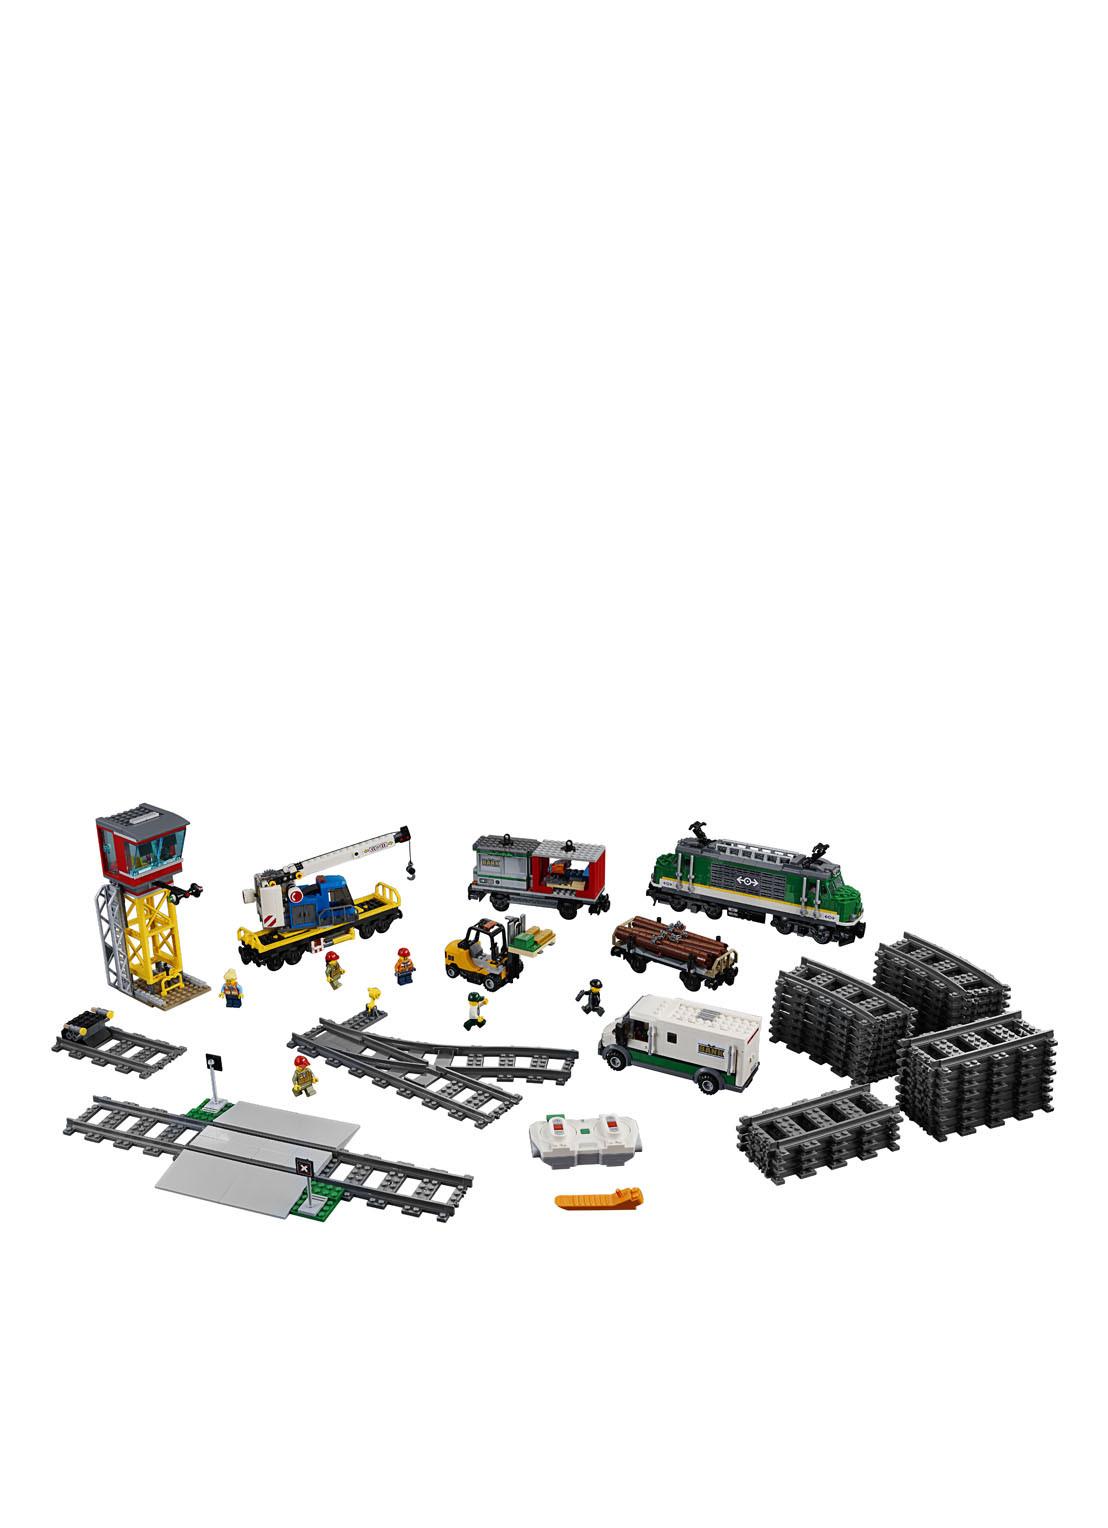 LEGO Vrachttrein – 60198